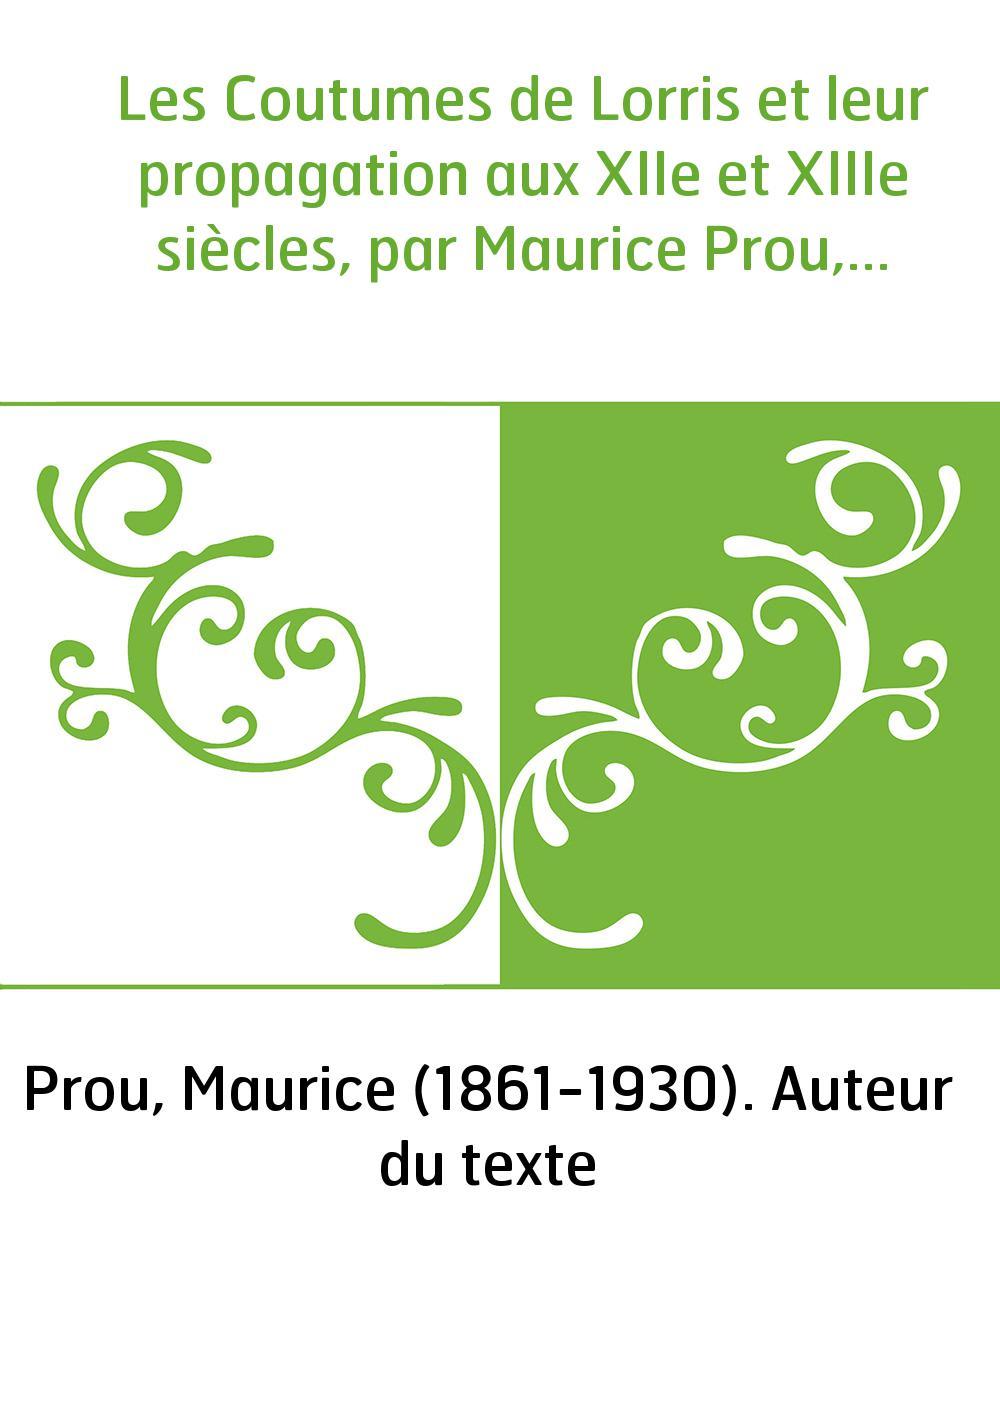 Les Coutumes de Lorris et leur propagation aux XIIe et XIIIe siècles, par Maurice Prou,...